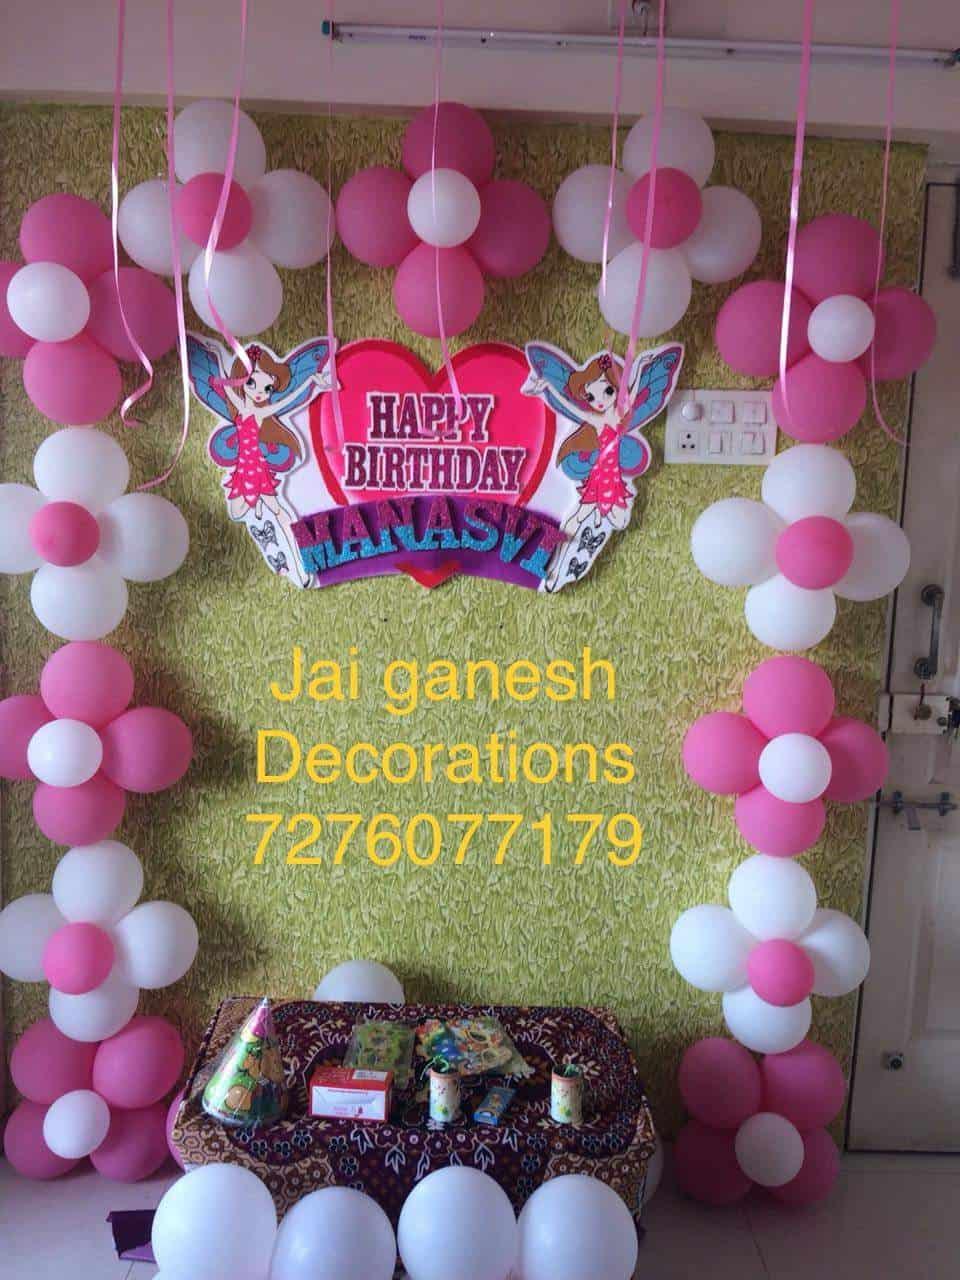 Jai Ganesh Balloons Decorators Wakad Jai Ganesha Decorations